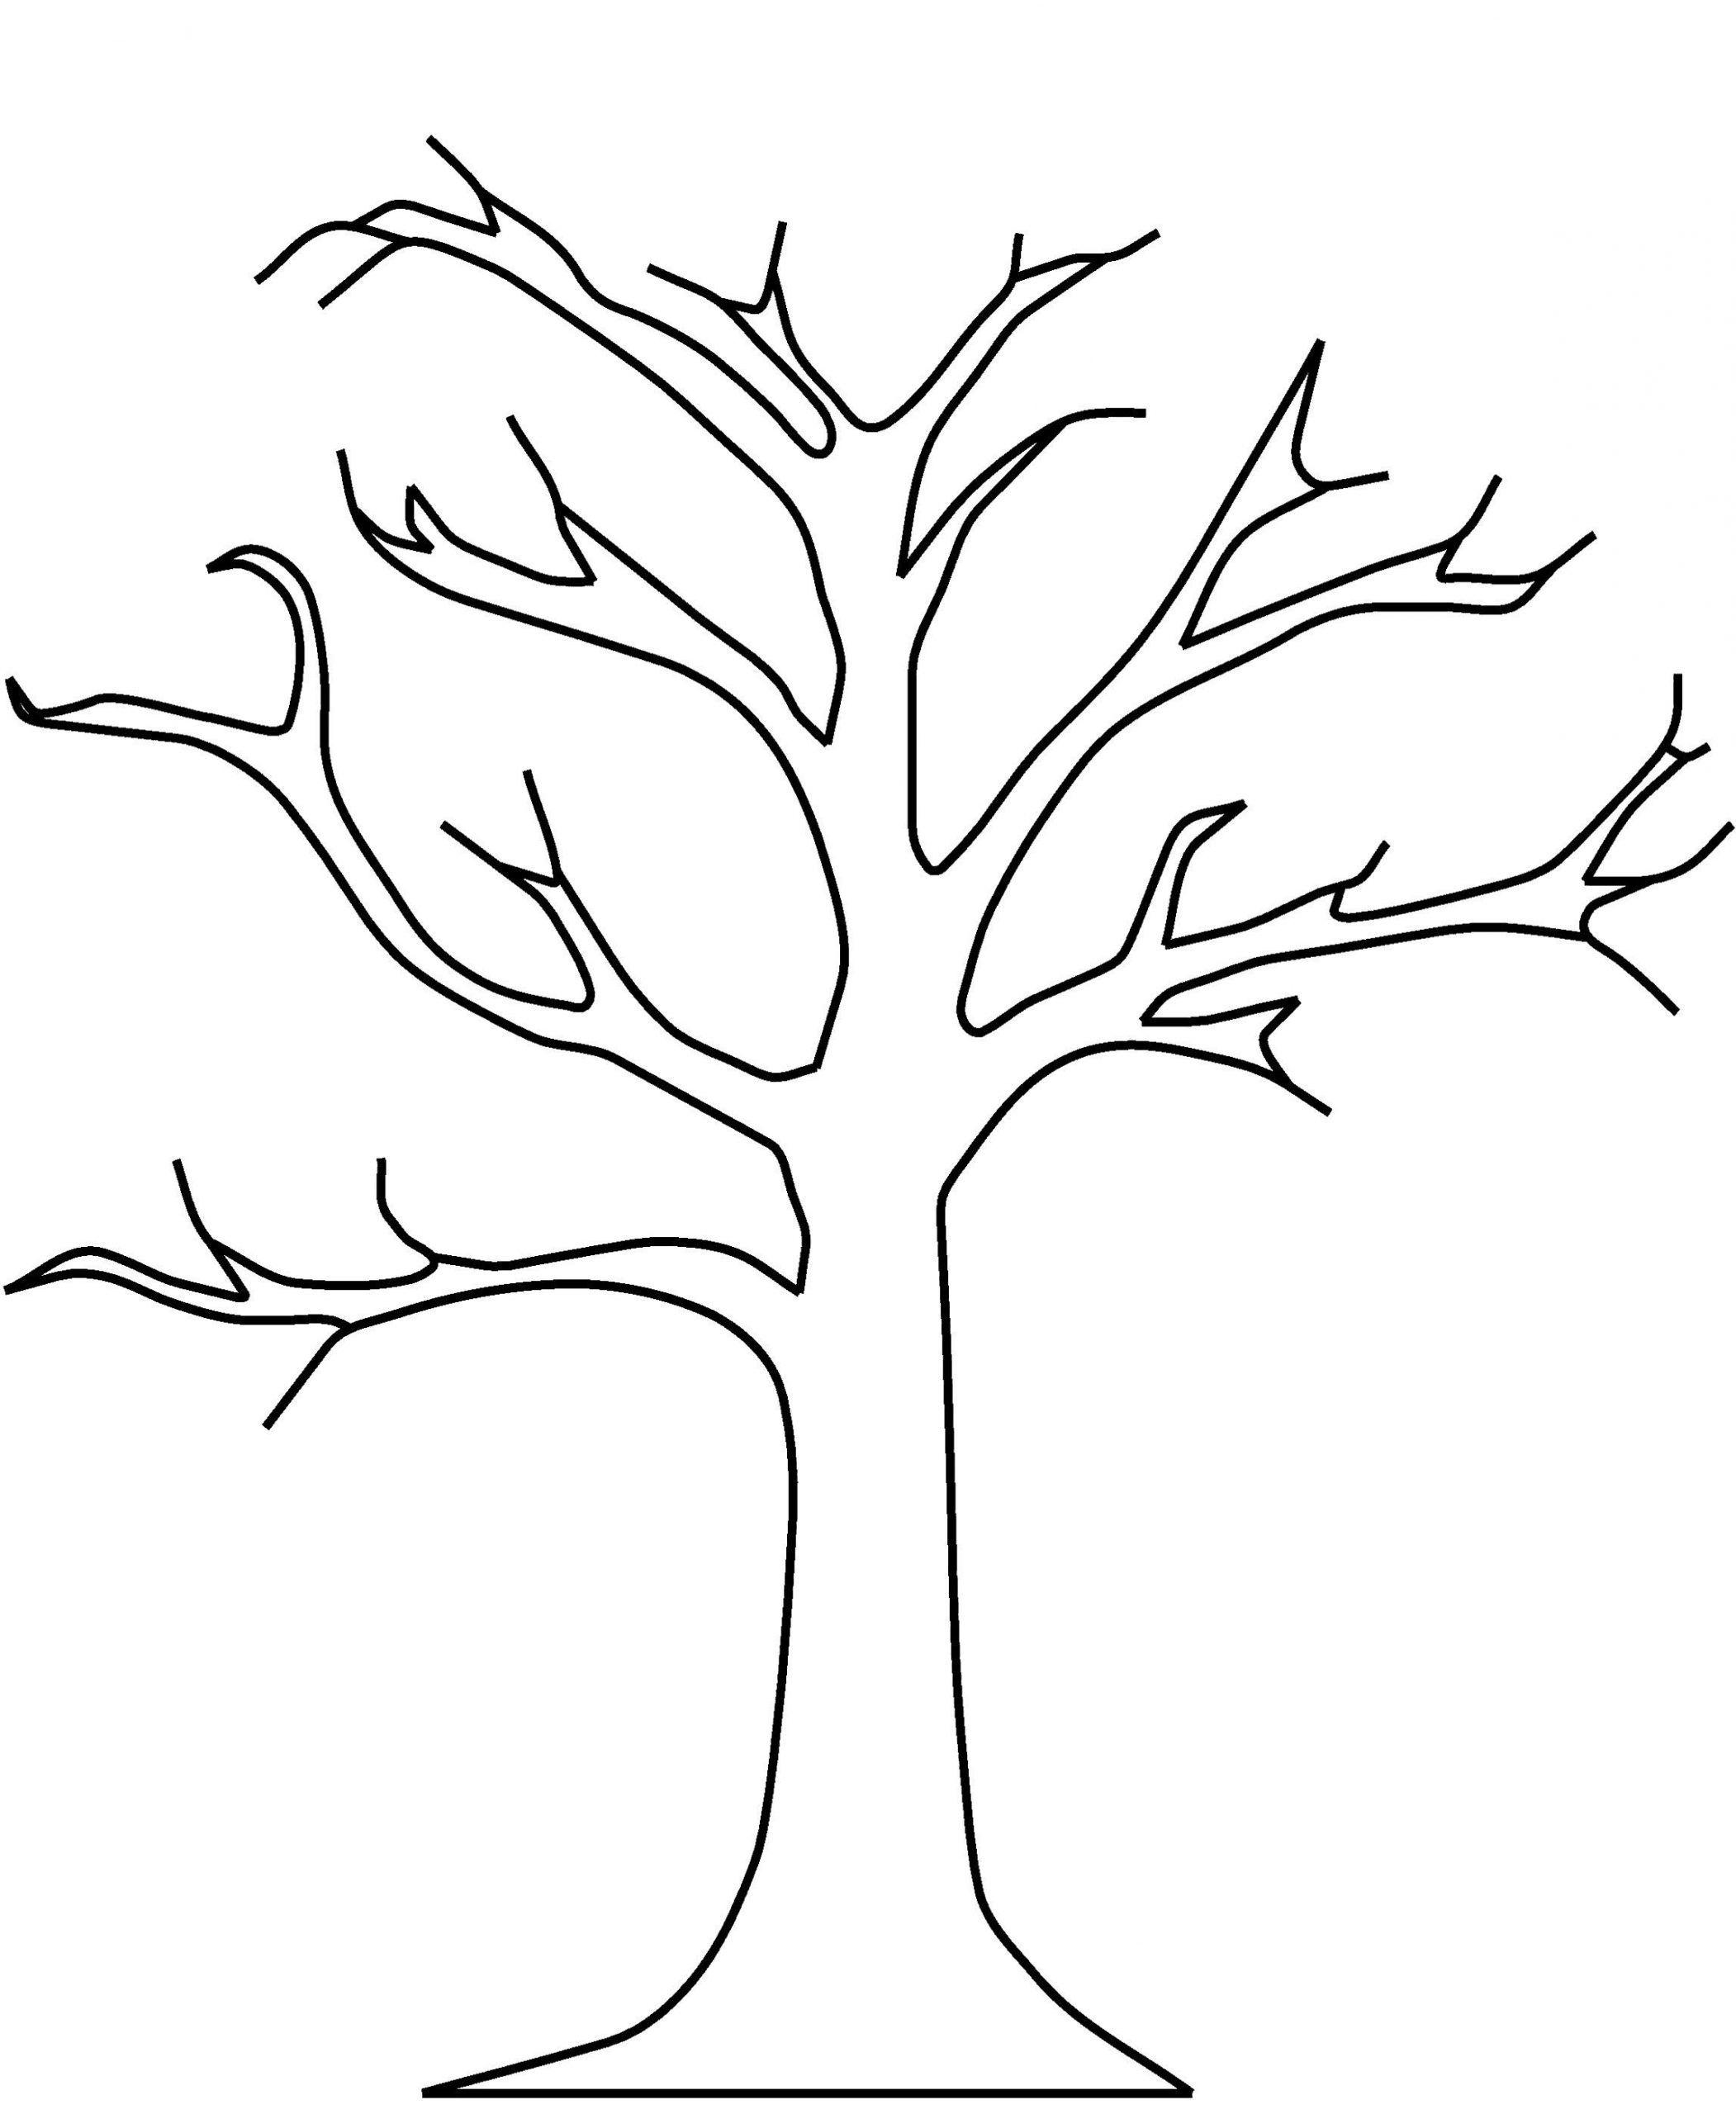 Malvorlagen Aste Baum Vorlage Blattschablone Malvorlagen